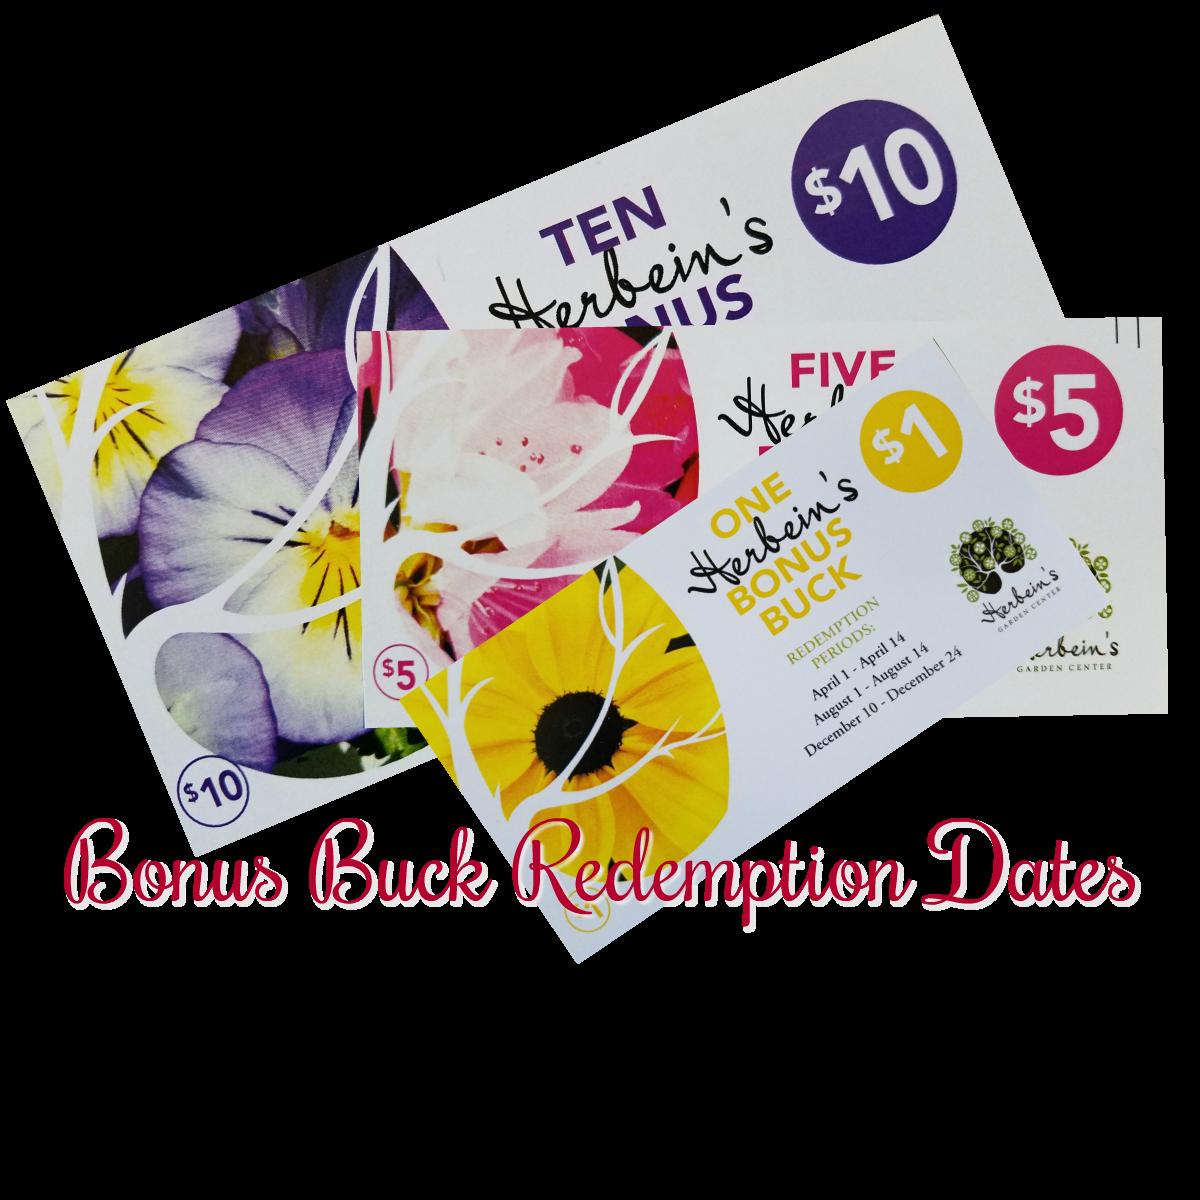 Bonus Bucks Redemption Dates Herbeins Garden Center